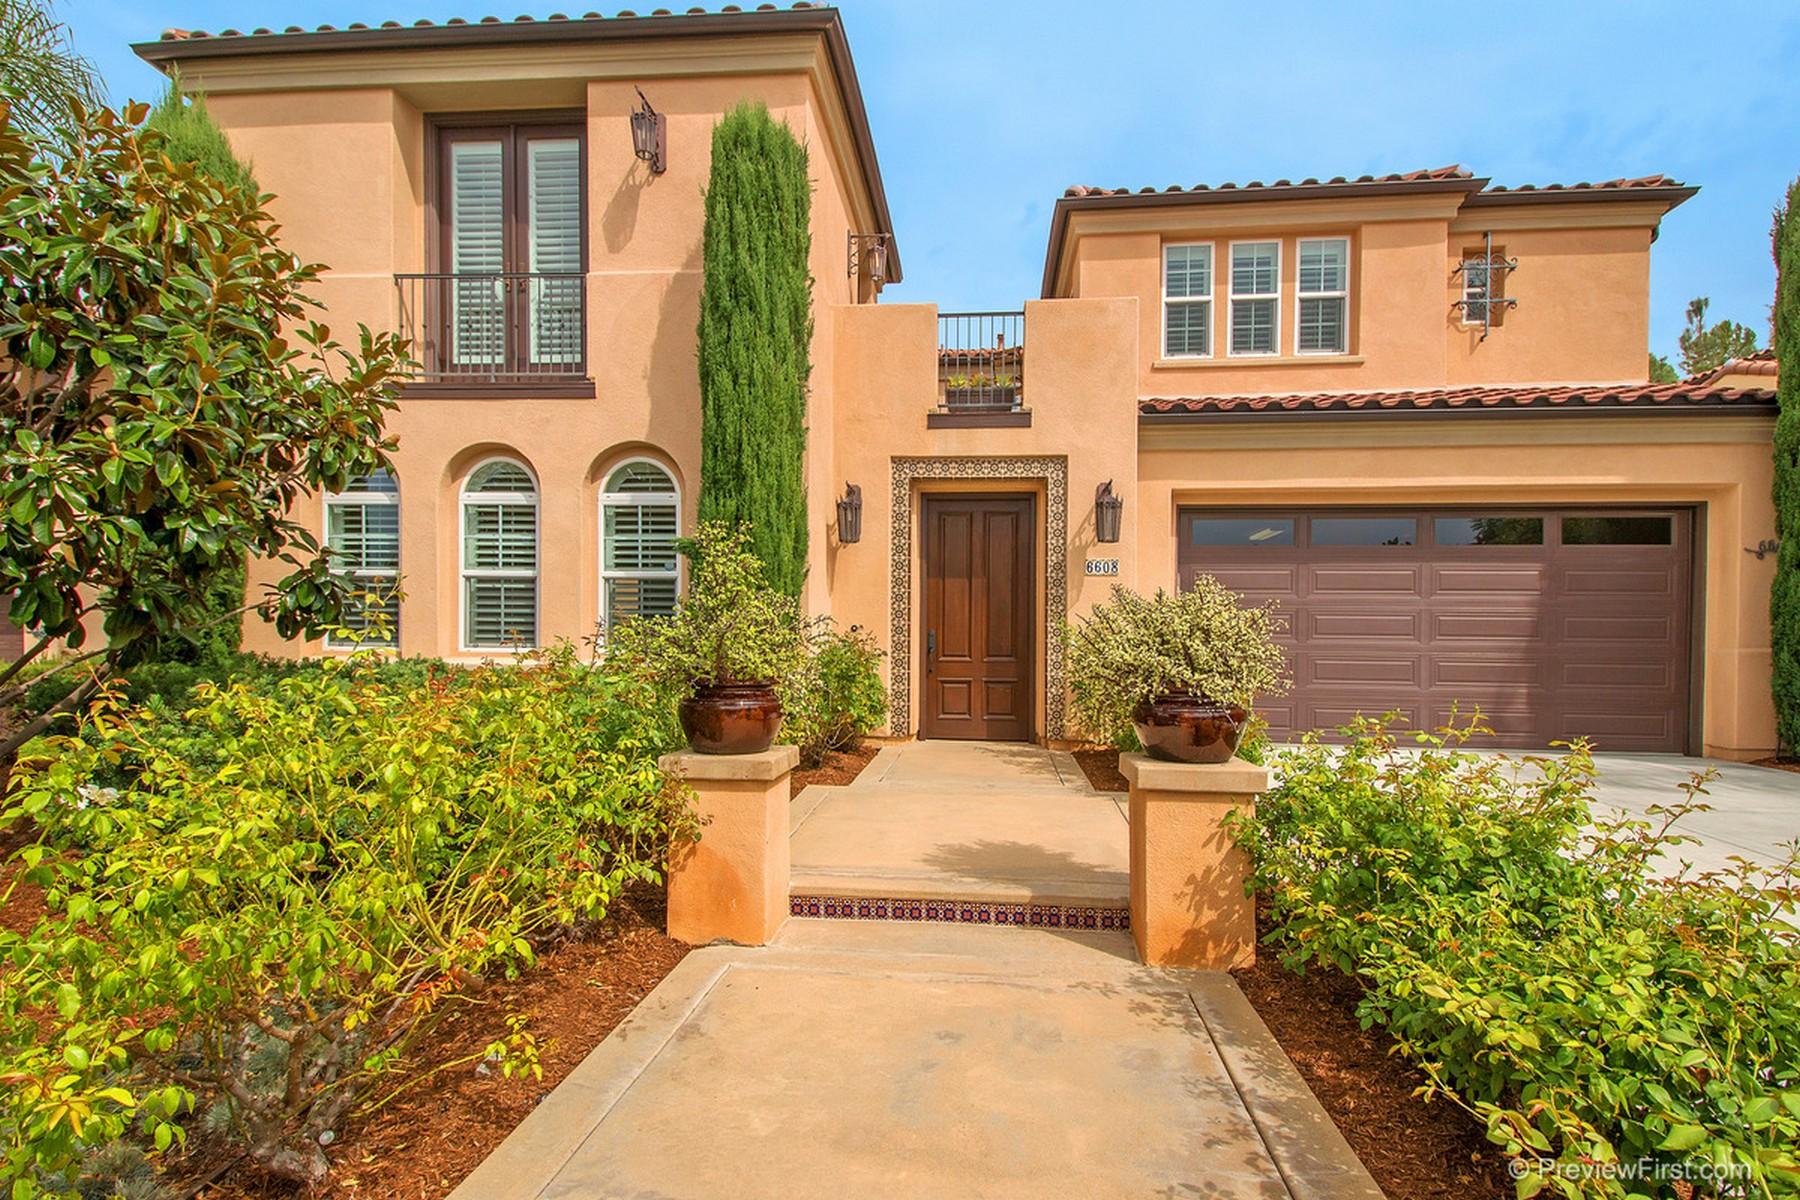 一戸建て のために 売買 アット 6608 Halite 6608 Halite Place, La Costa Greens, Carlsbad, カリフォルニア, 92009 アメリカ合衆国